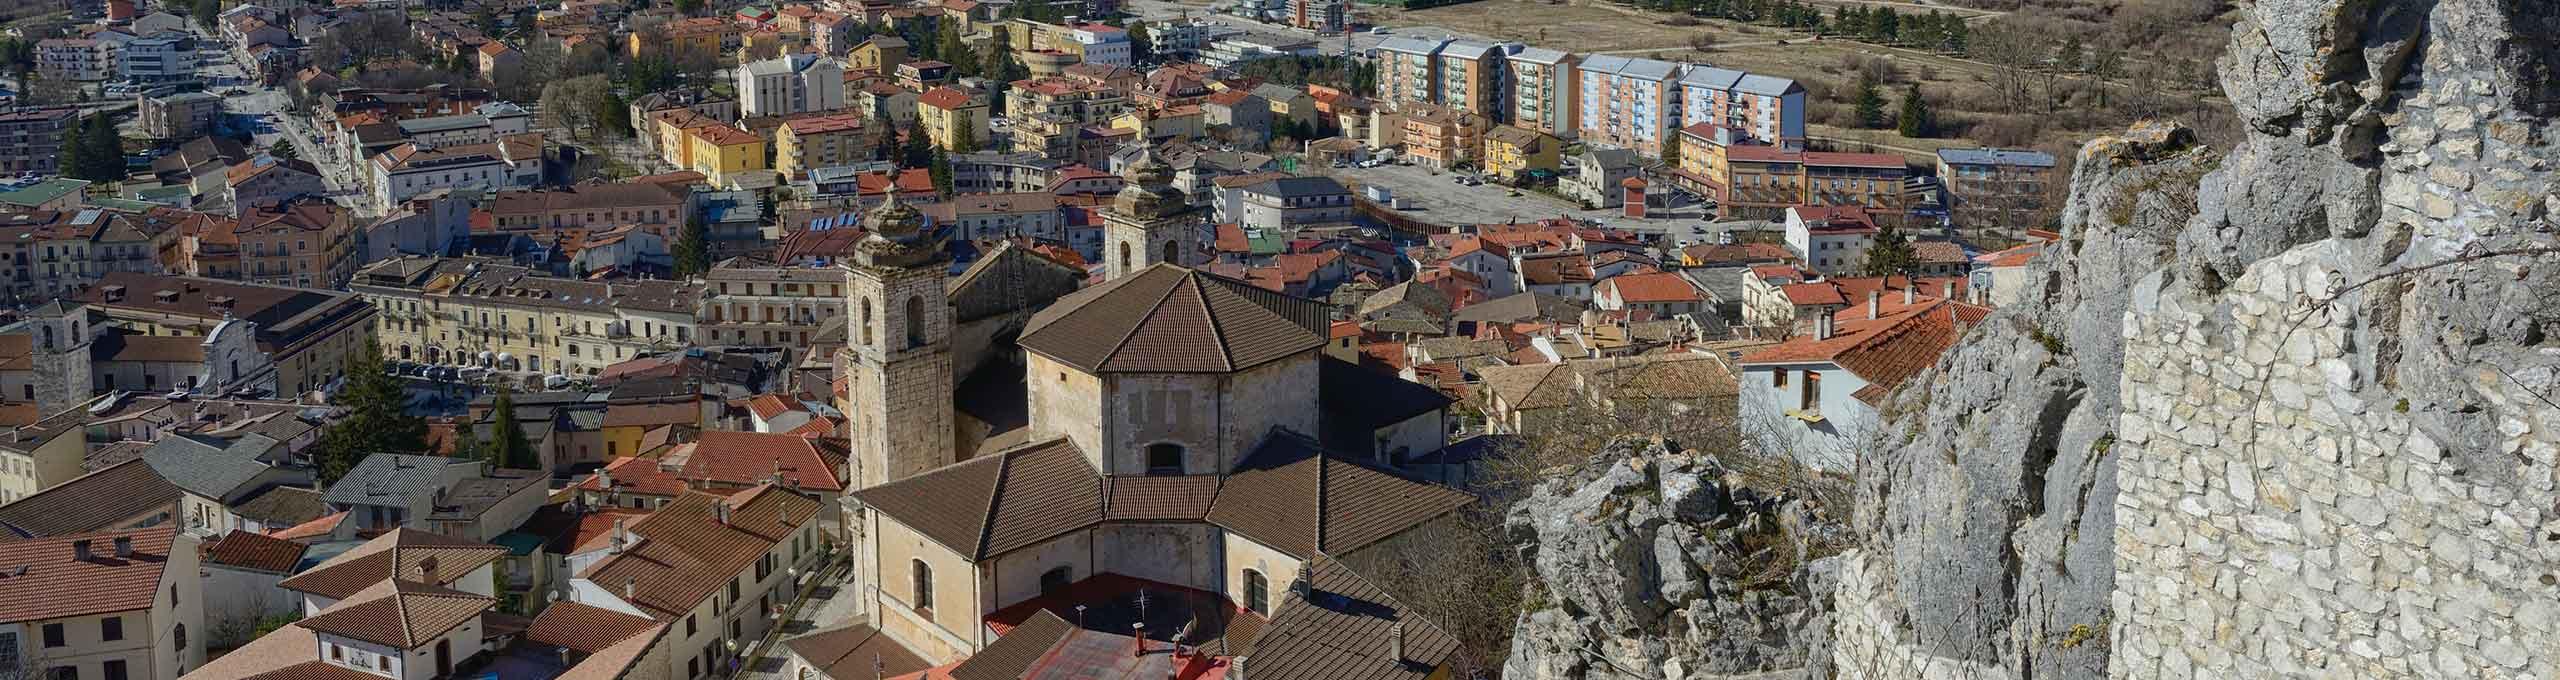 Castel di Sangro, area del Sannio, l'Acquila